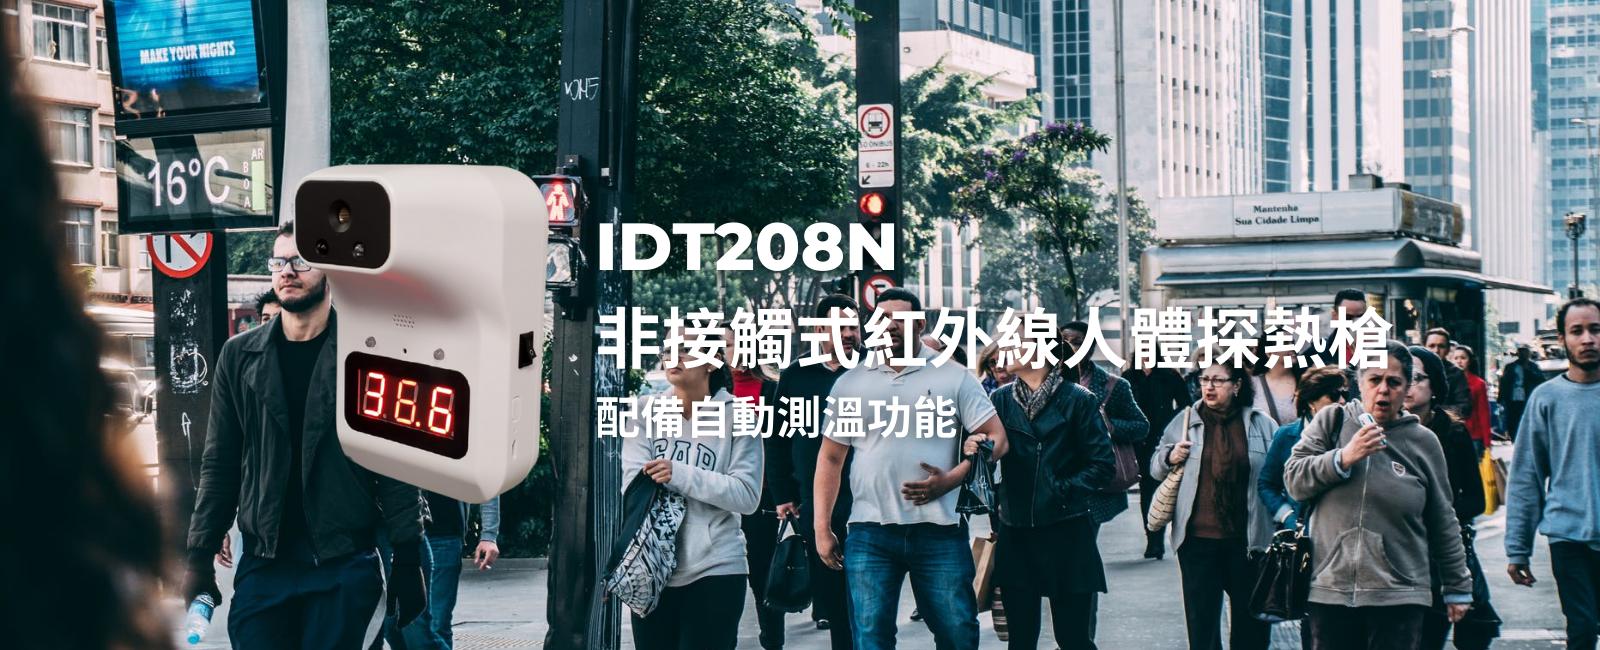 IDT208N